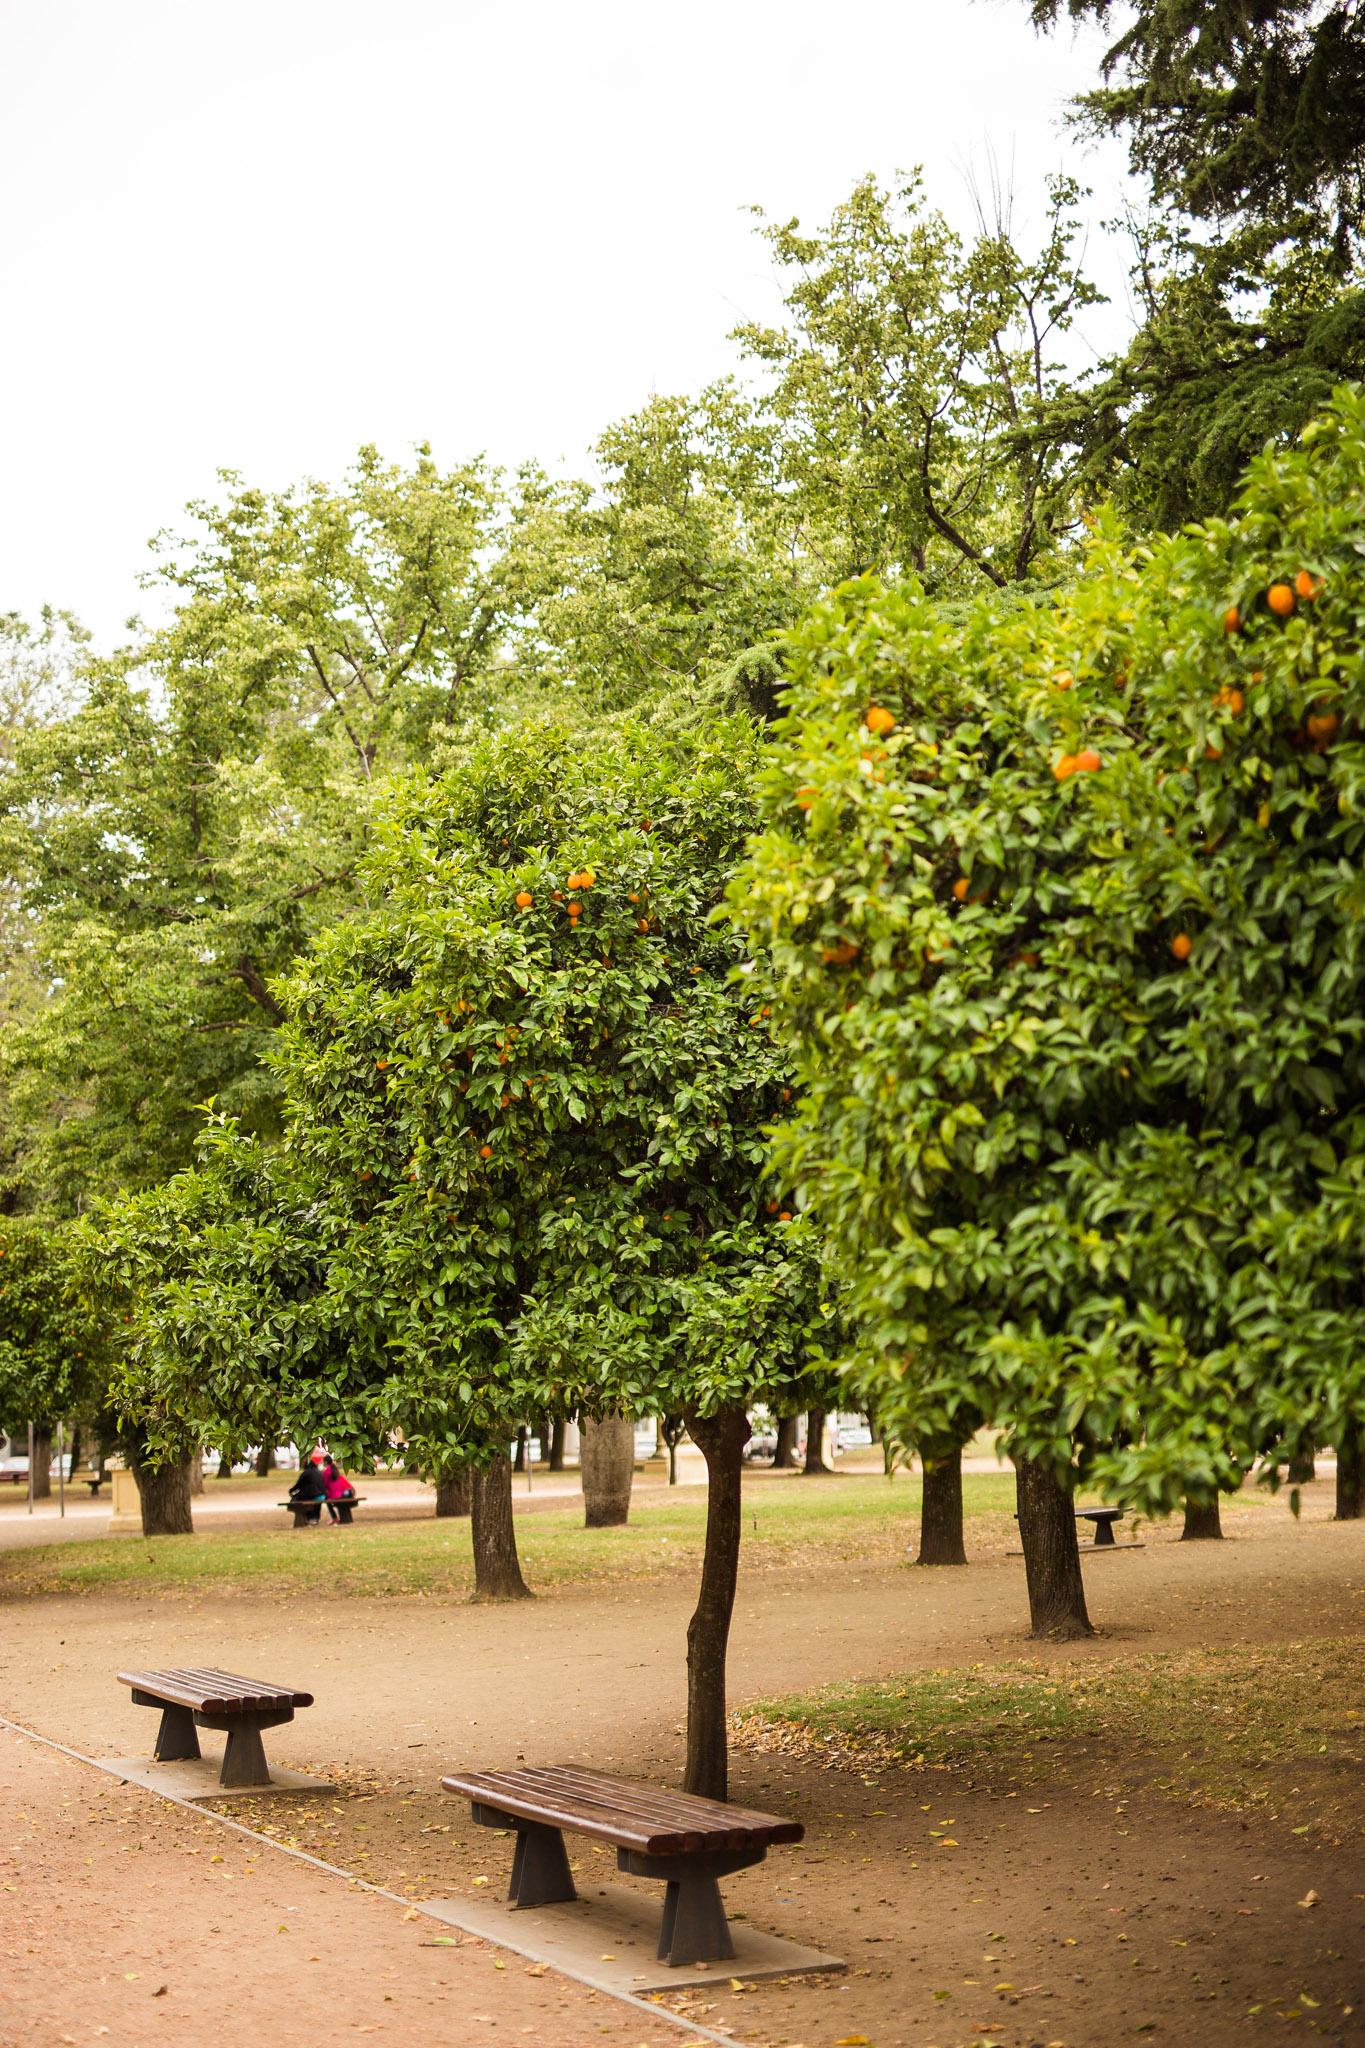 wedding-travellers-argentina-tandil-orange-tree